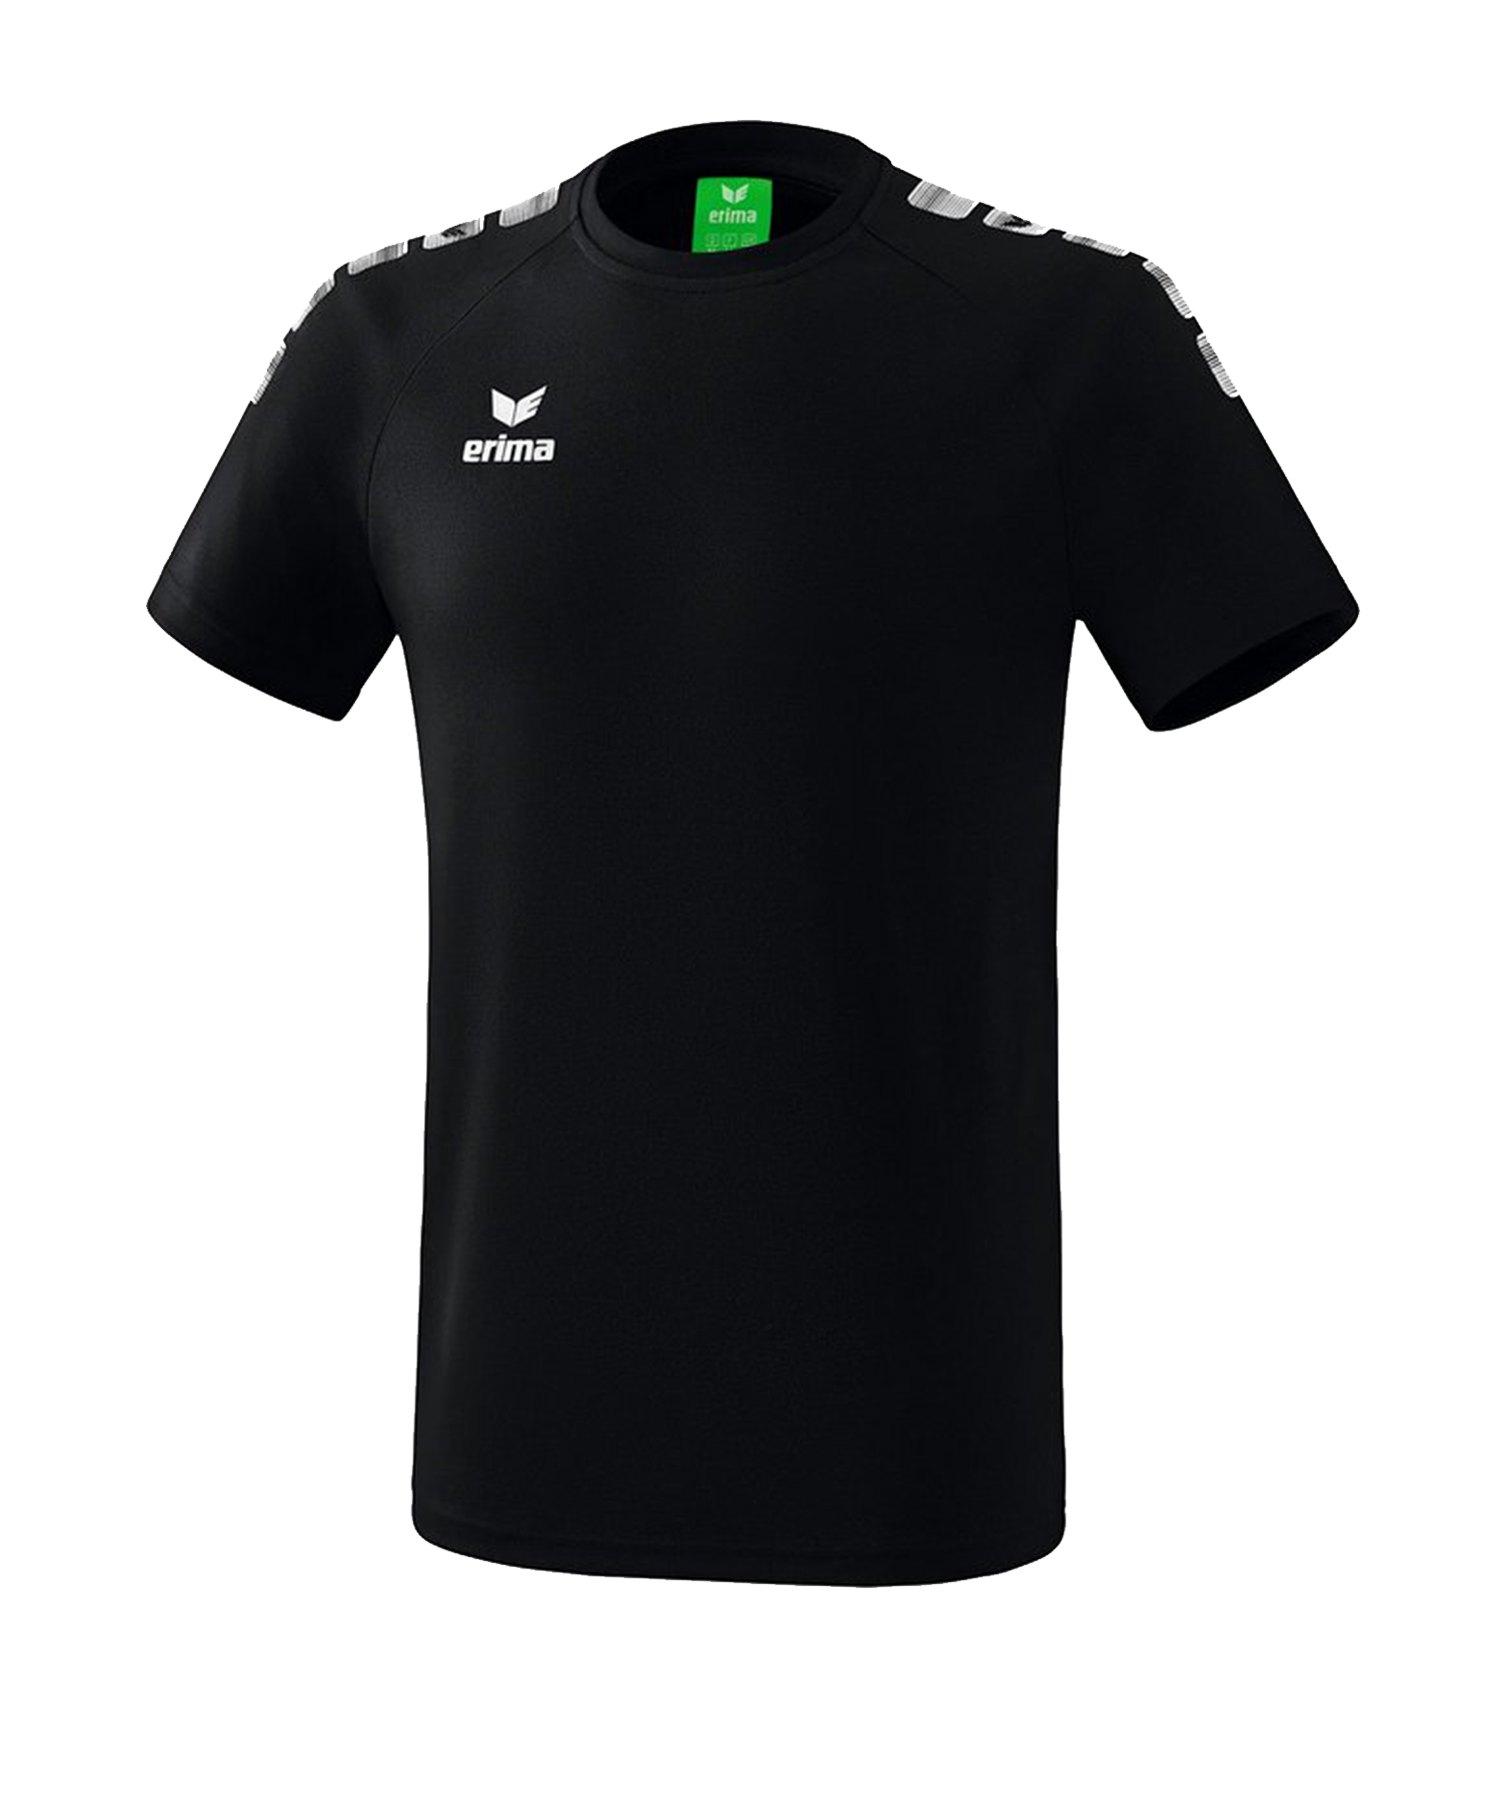 Erima Essential 5-C T-Shirt Schwarz Weiss - Schwarz